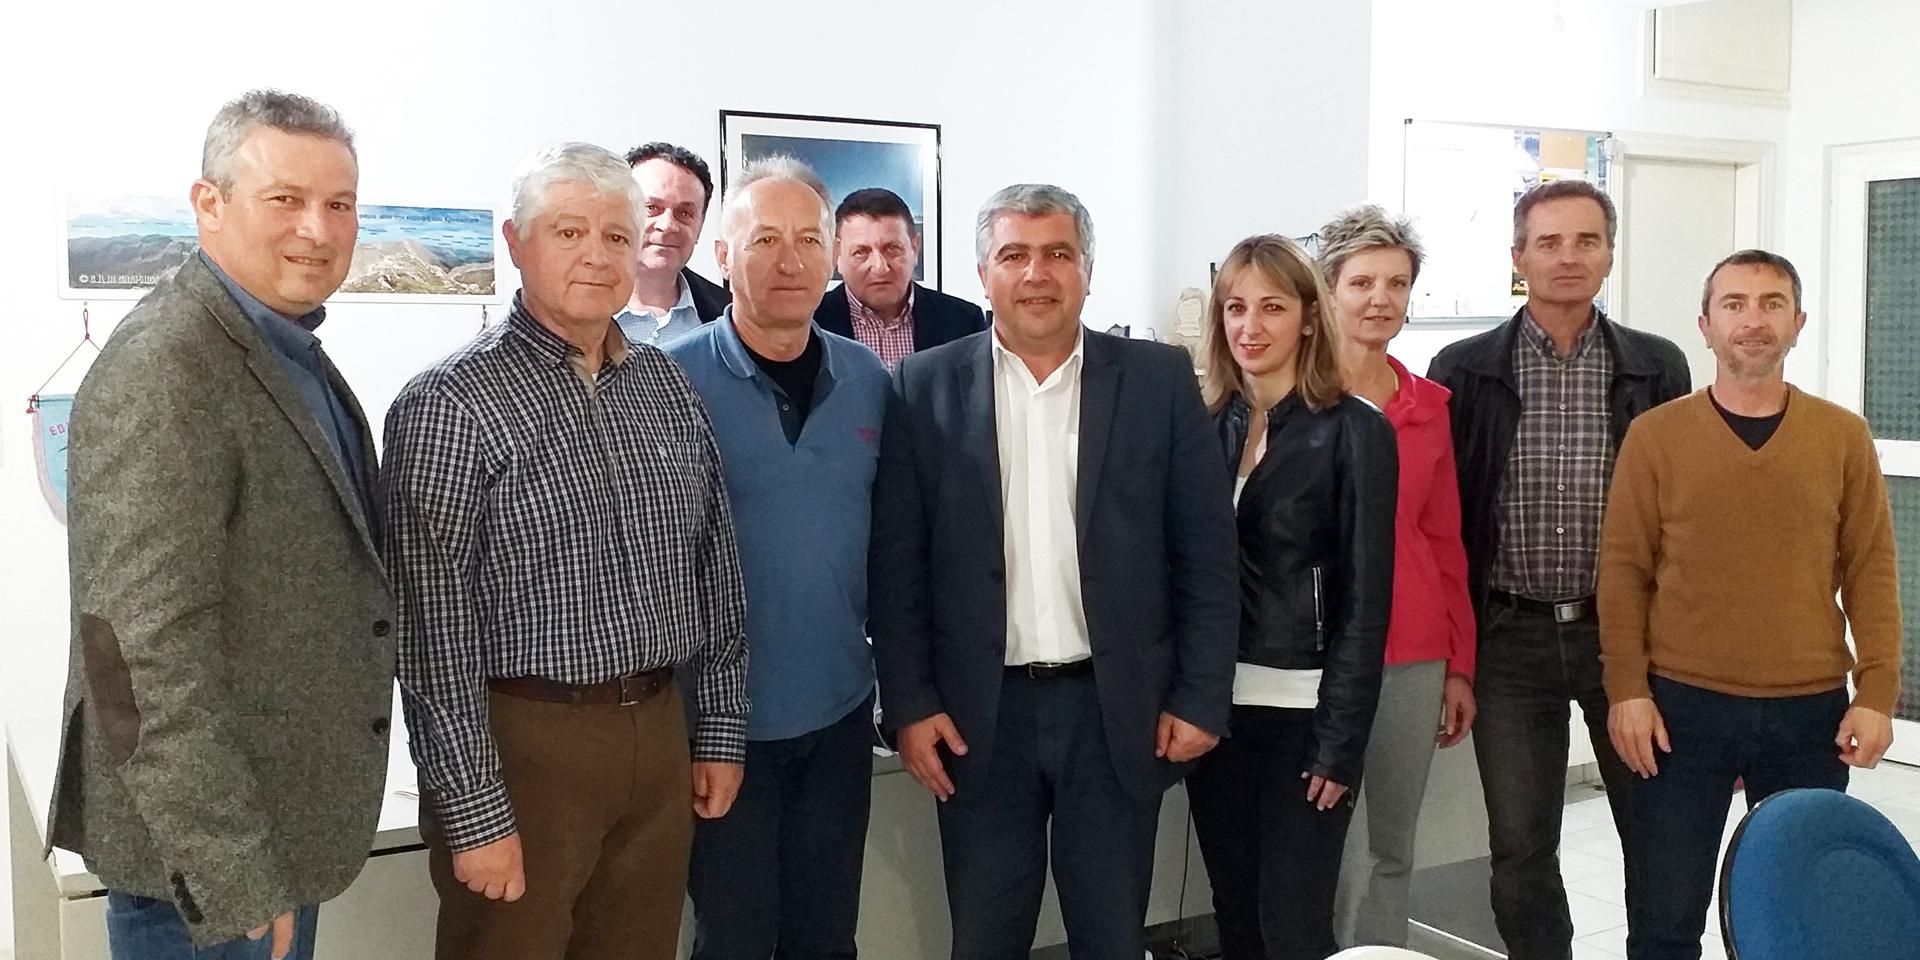 Επίσκεψη ενημέρωσης & συνεργασίας του Υπ. Δημάρχου κ. Νίκου Γεωργάκου στον Ε.Ο.Σ  Πρέβεζας συνοδεία υποψηφίων του συνδυασμού «ΔΗΜΟΣ ΤΗΣ ΚΑΡΔΙΑΣ ΜΑΣ!»